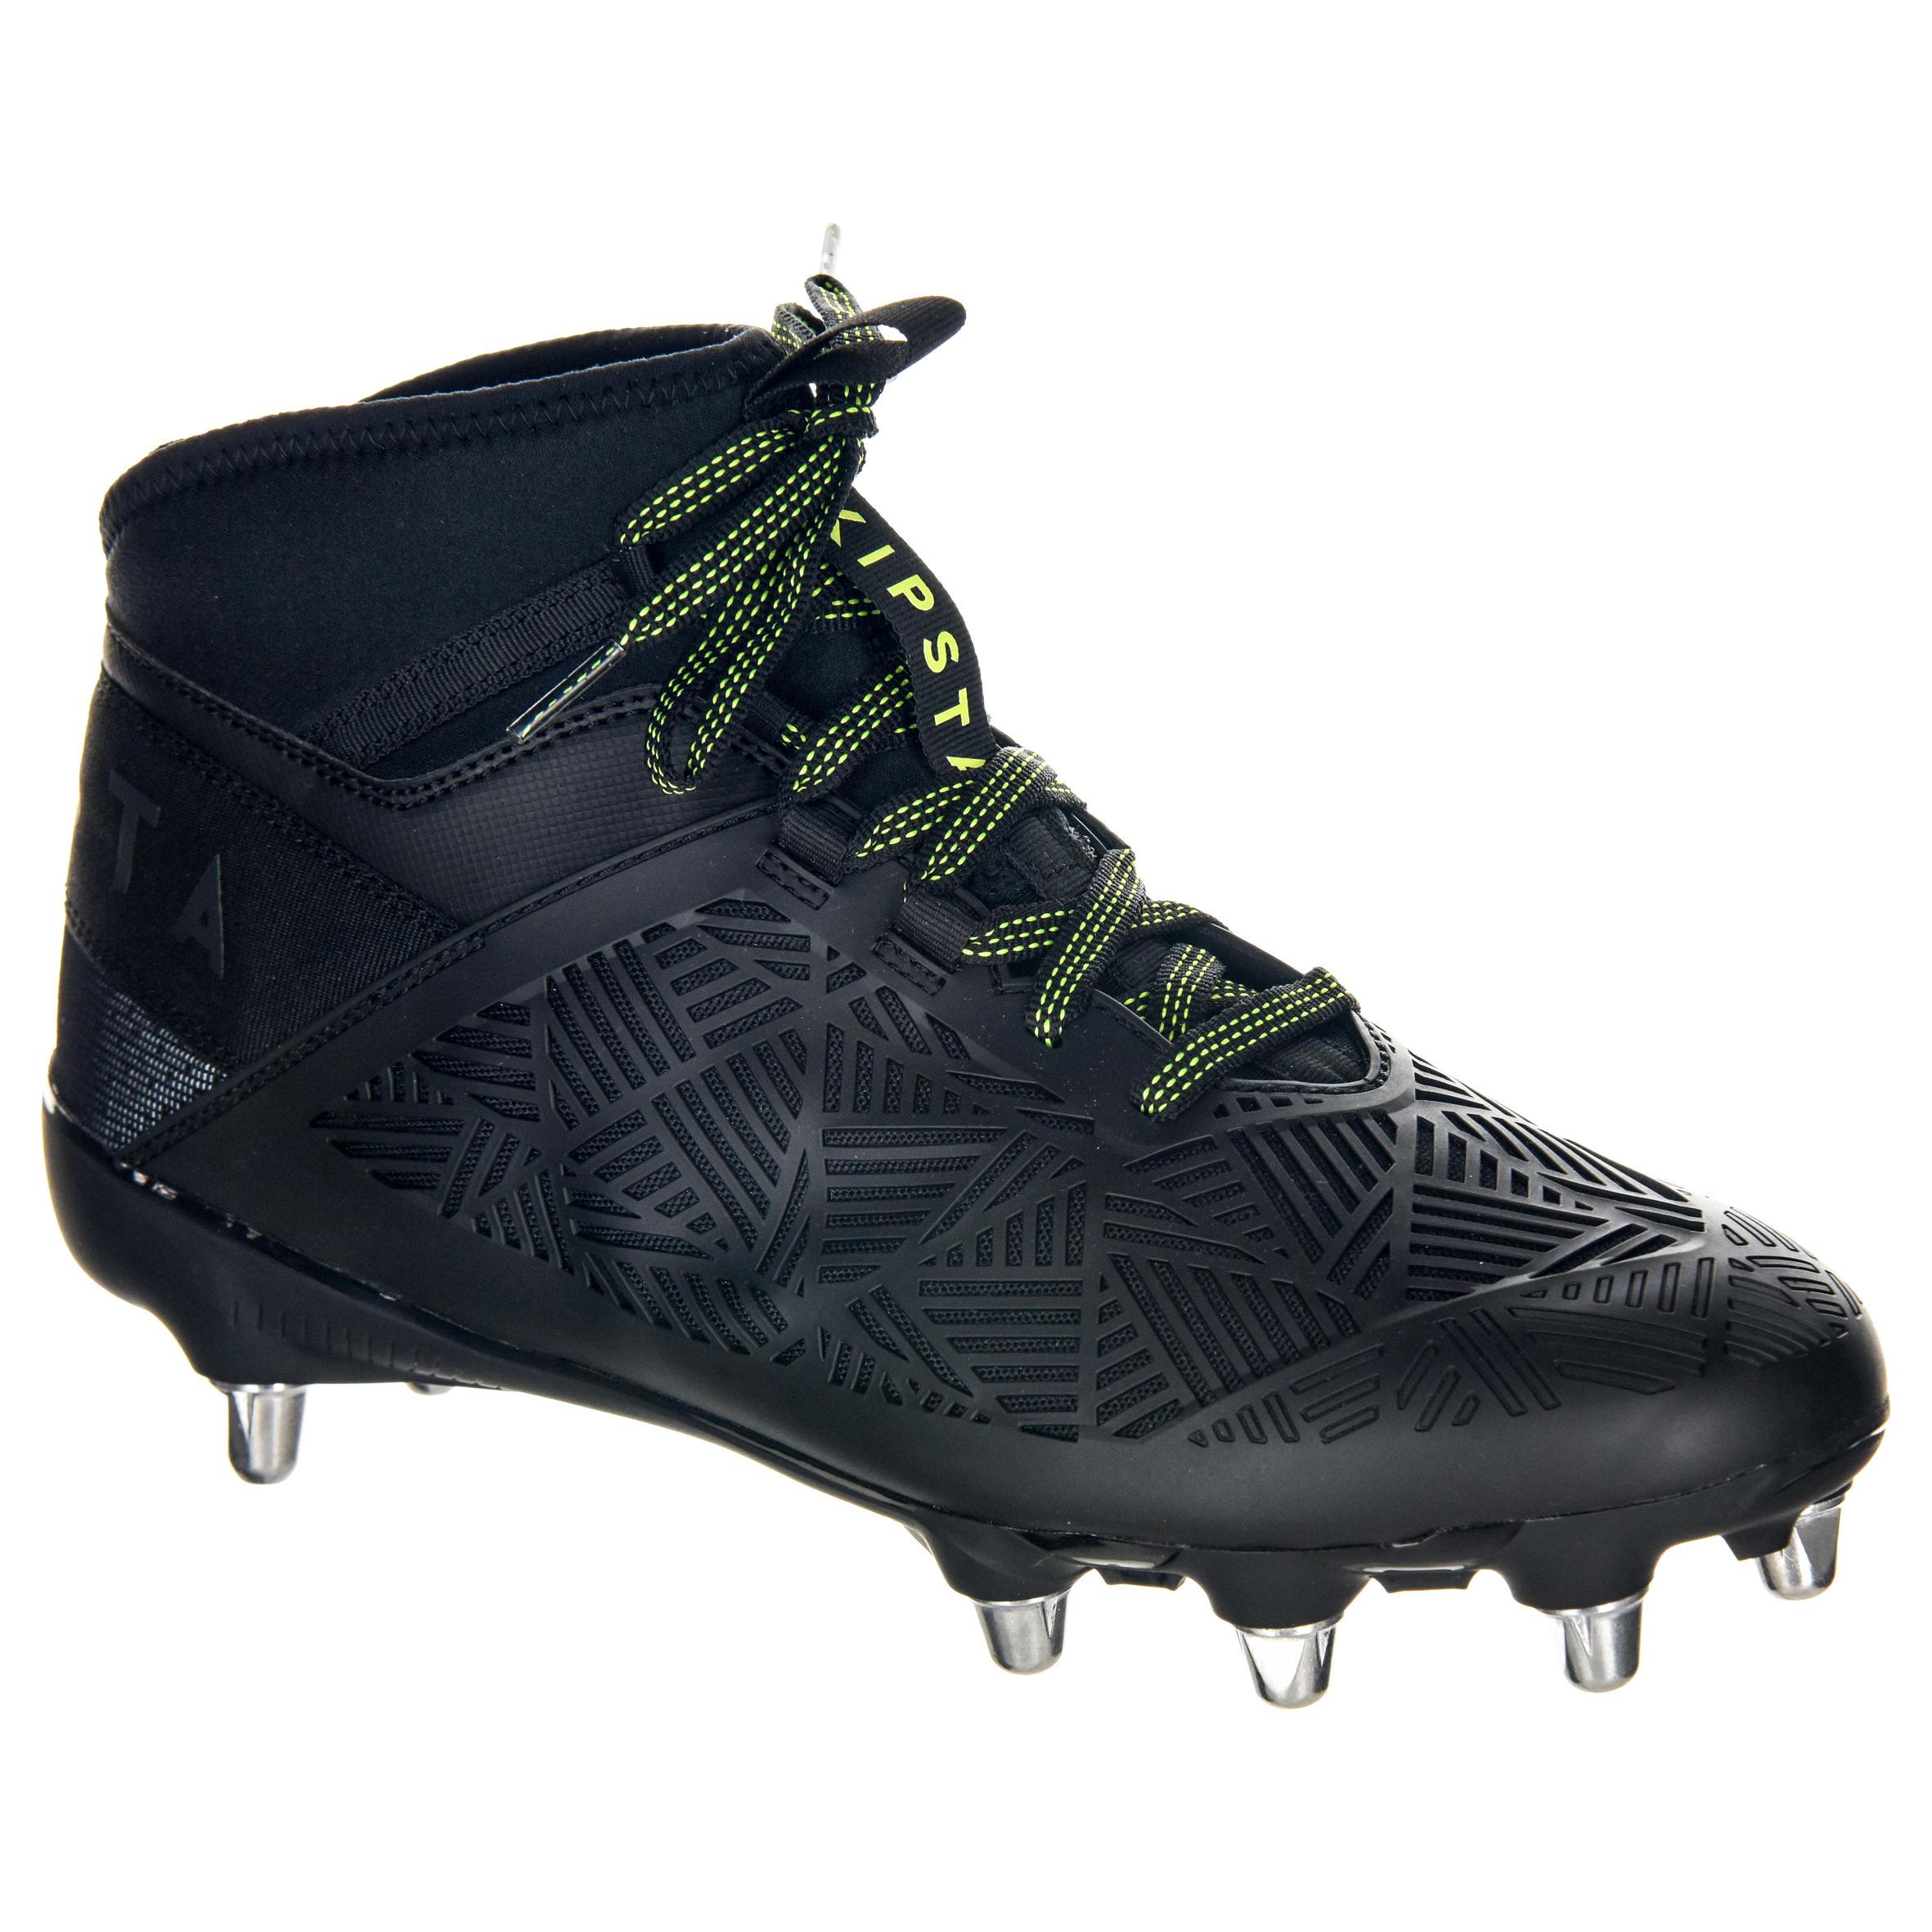 Offload Rugbyschoenen voor volwassenen 8 noppen Density R900 SG zwart